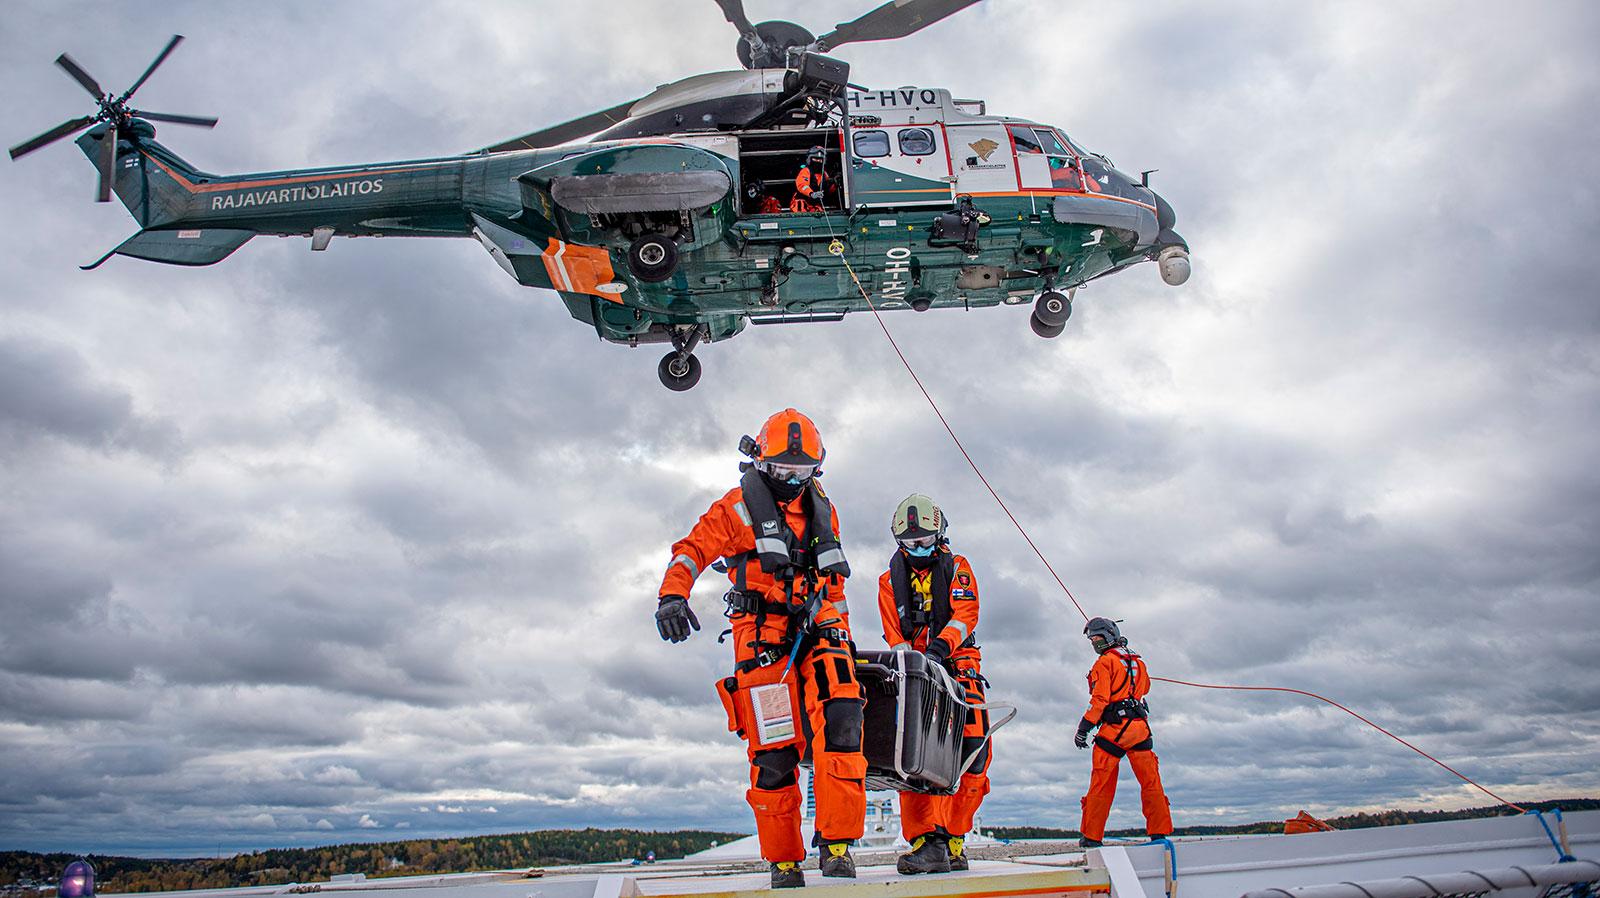 MIRG-miehistöä kantamassa laatikkoa laivan kannella. Taustalla helikopteri.